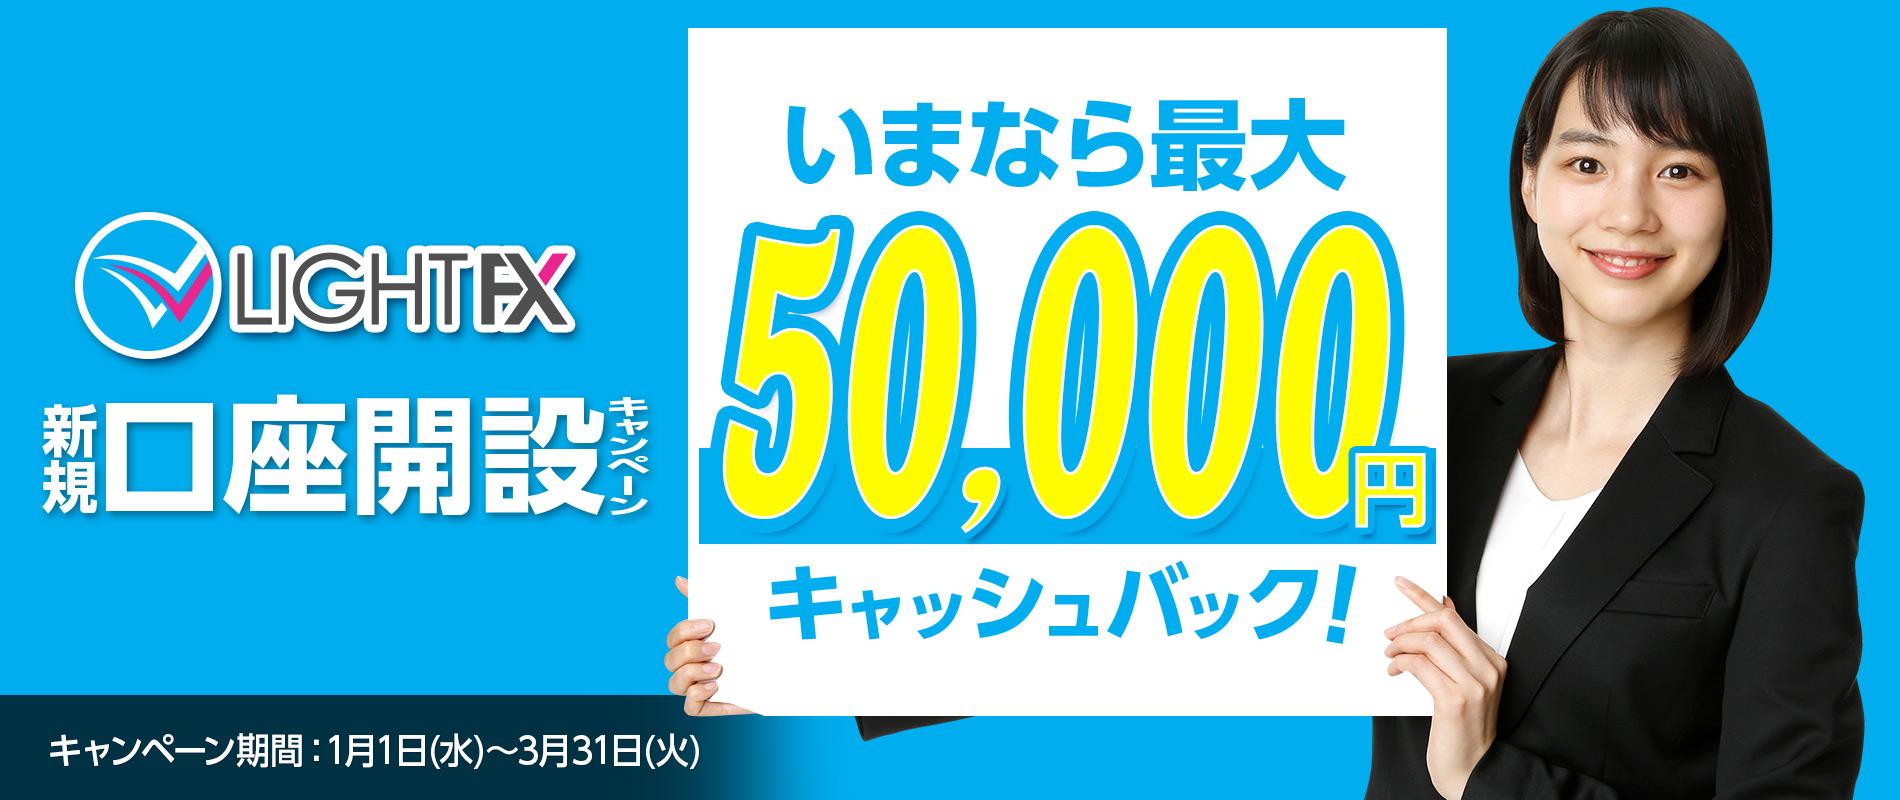 新規口座開設50,000円キャッシュバッ